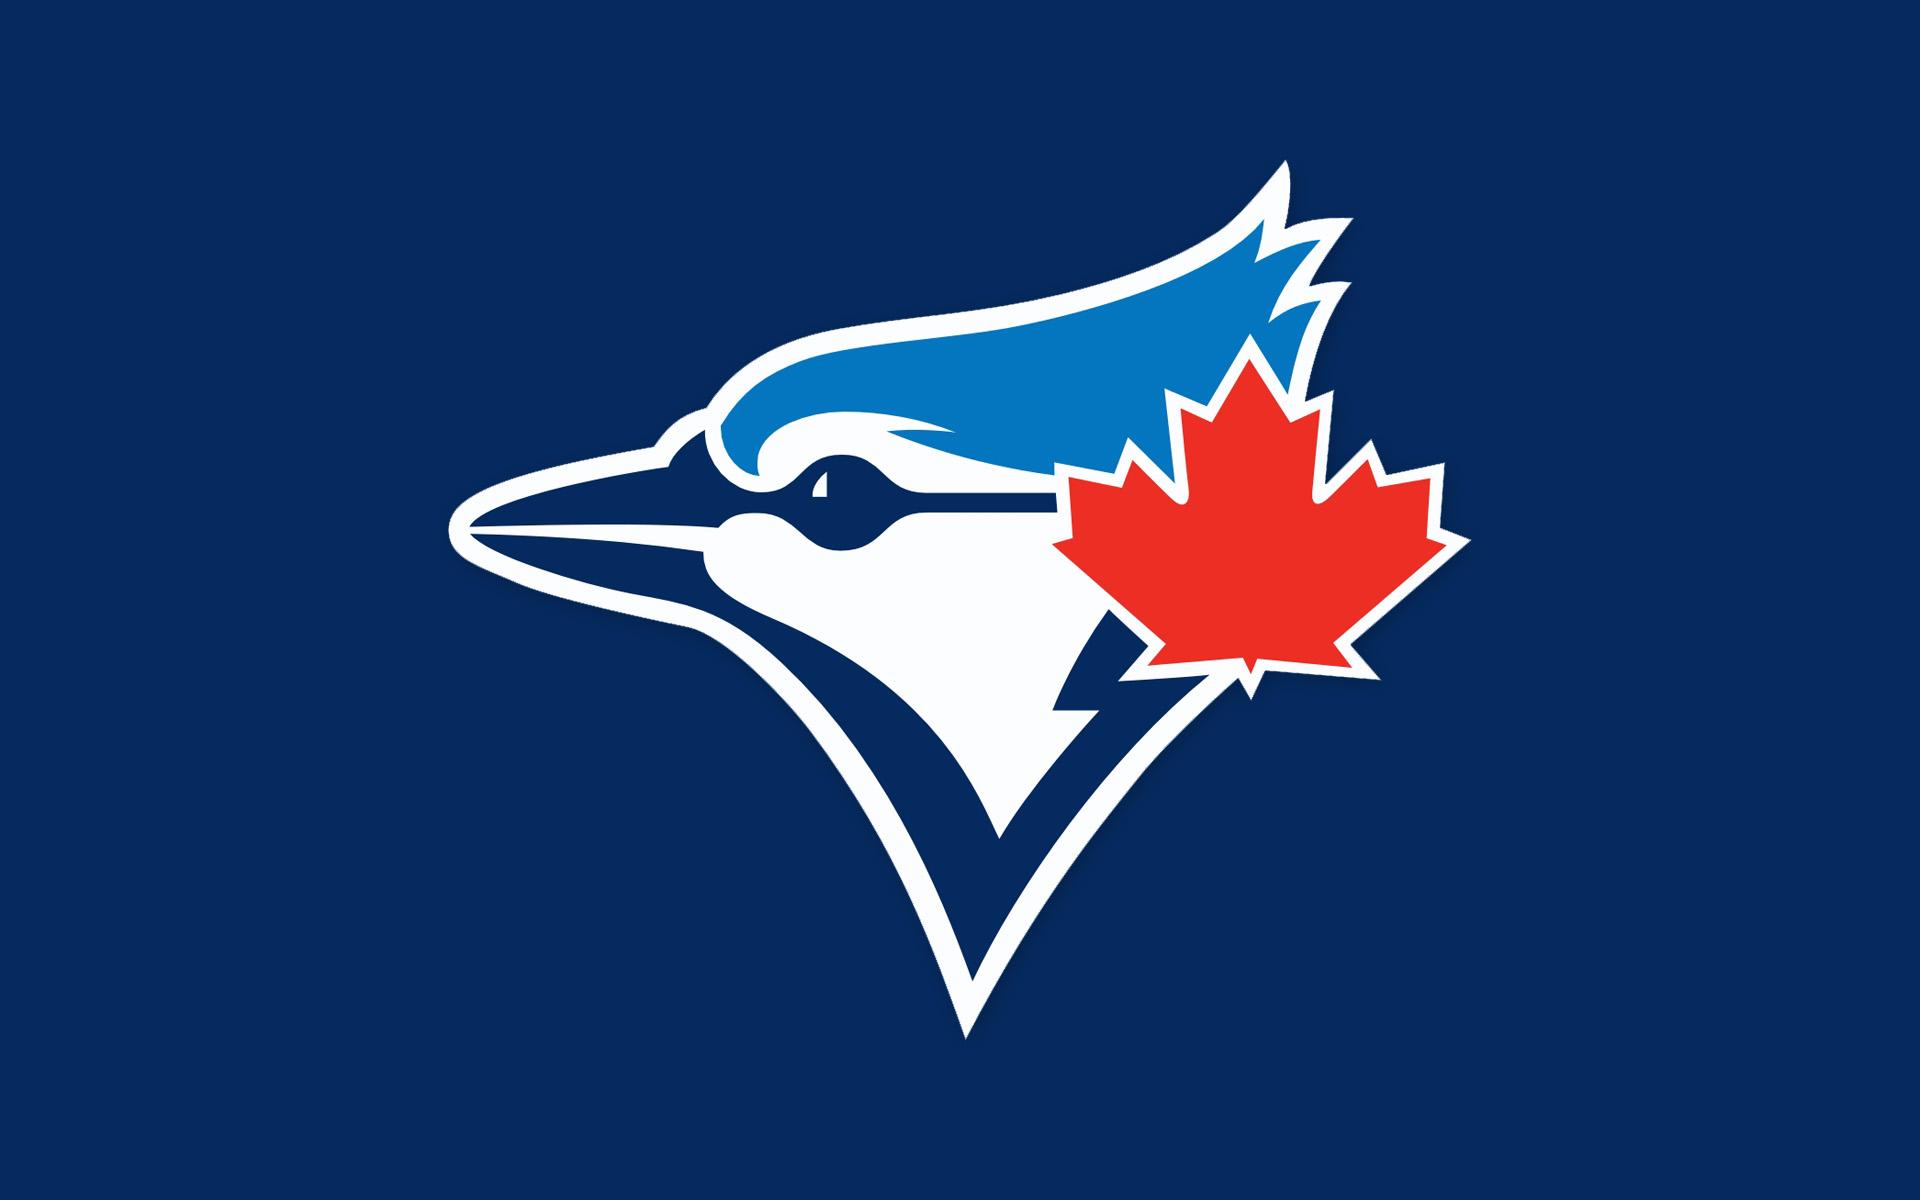 Toronto Blue Jays Wallpaper